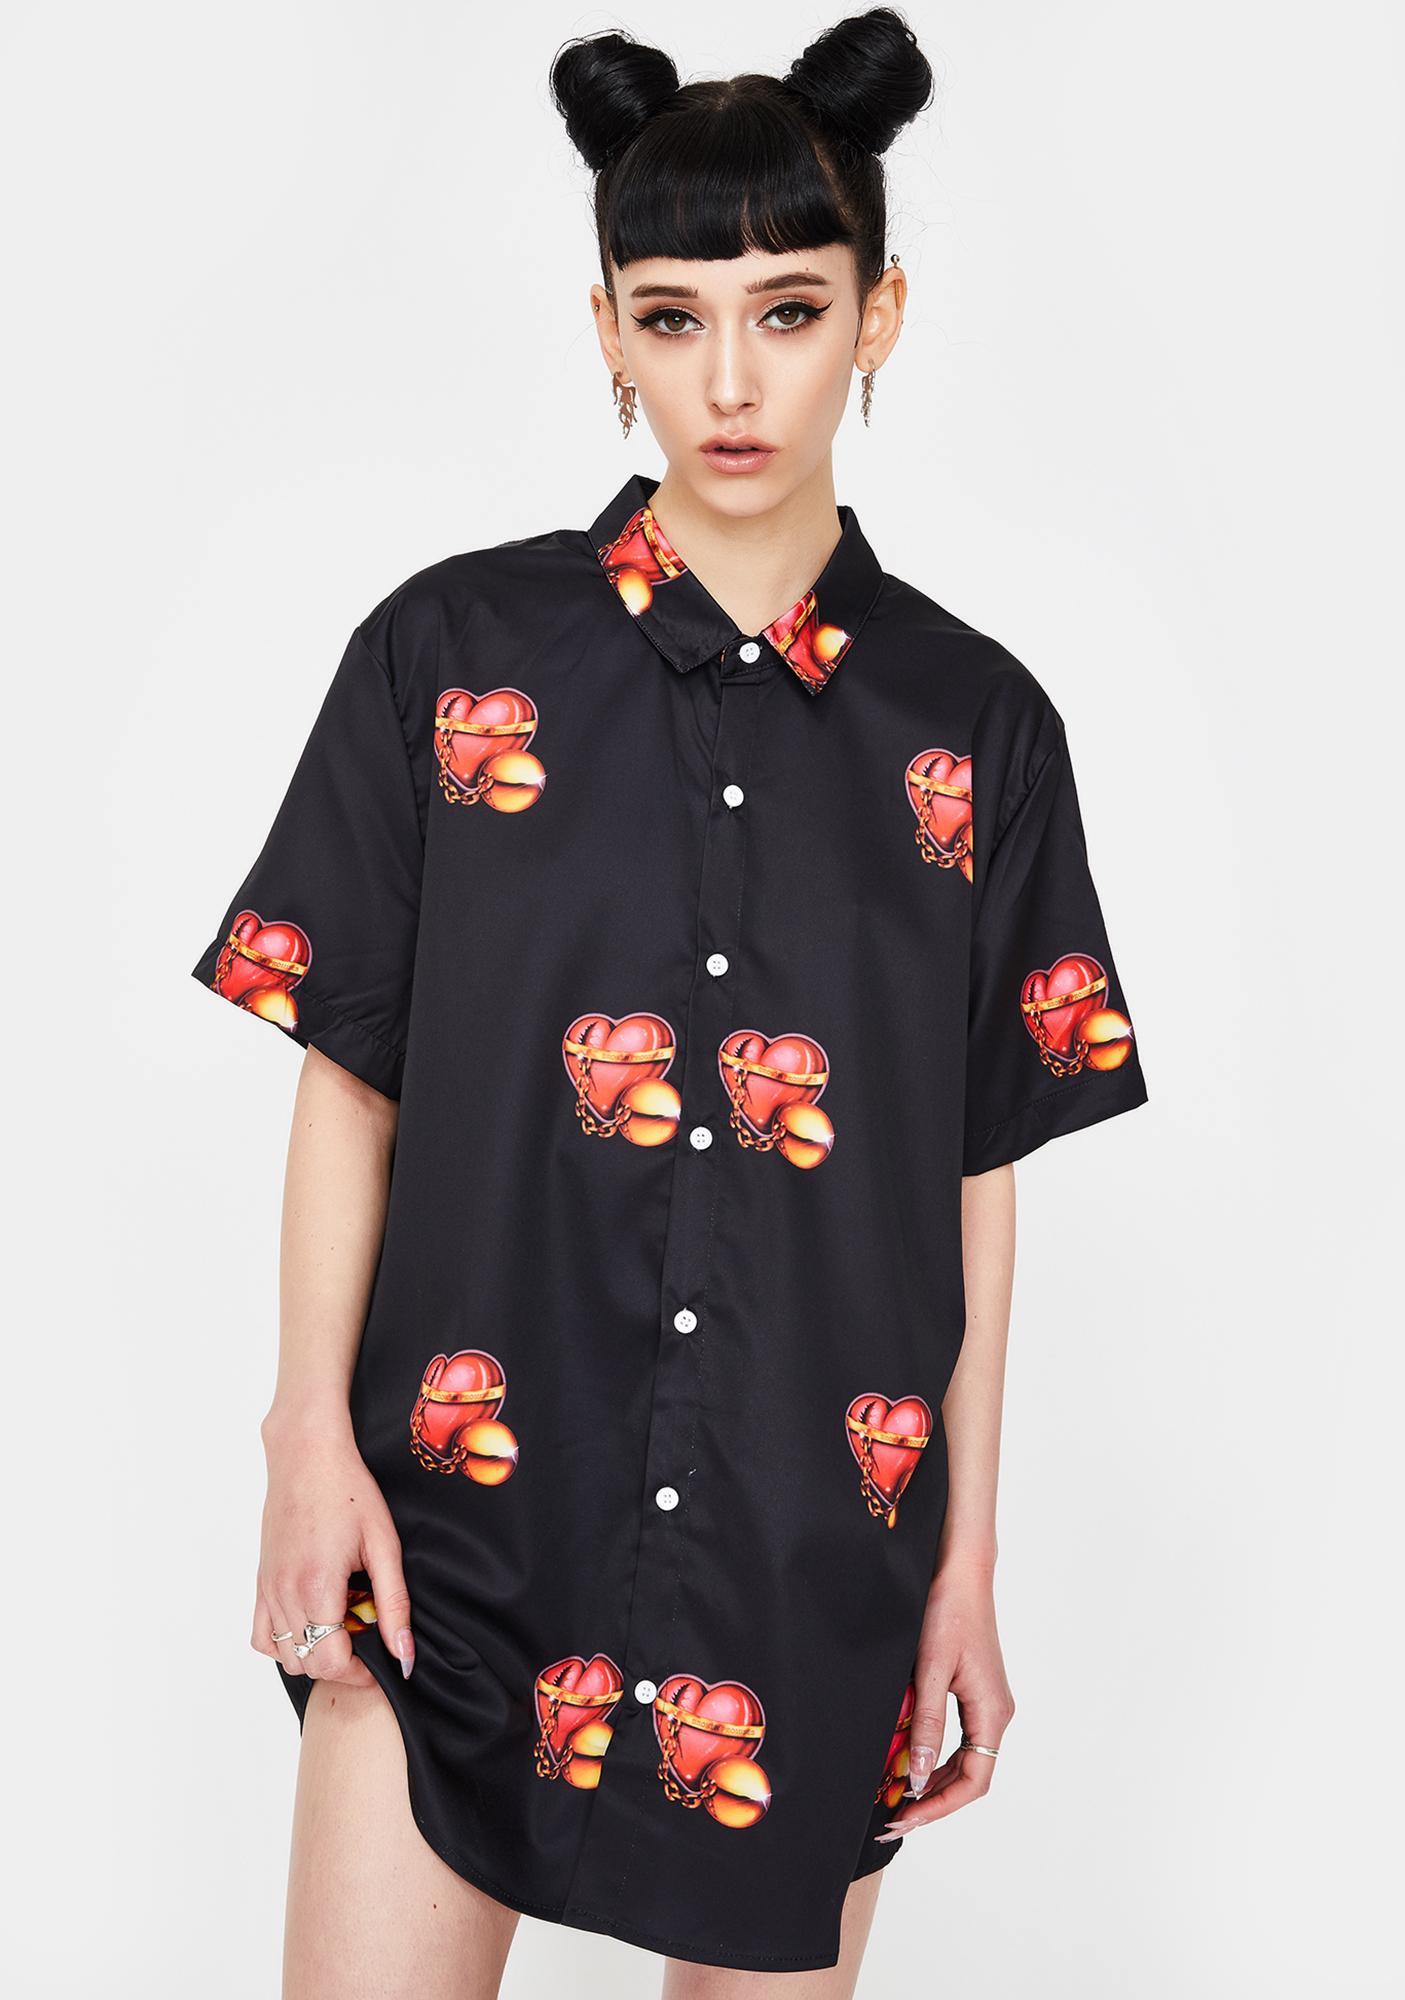 BROKEN PROMISES CO Ball N Chain Button Up Shirt